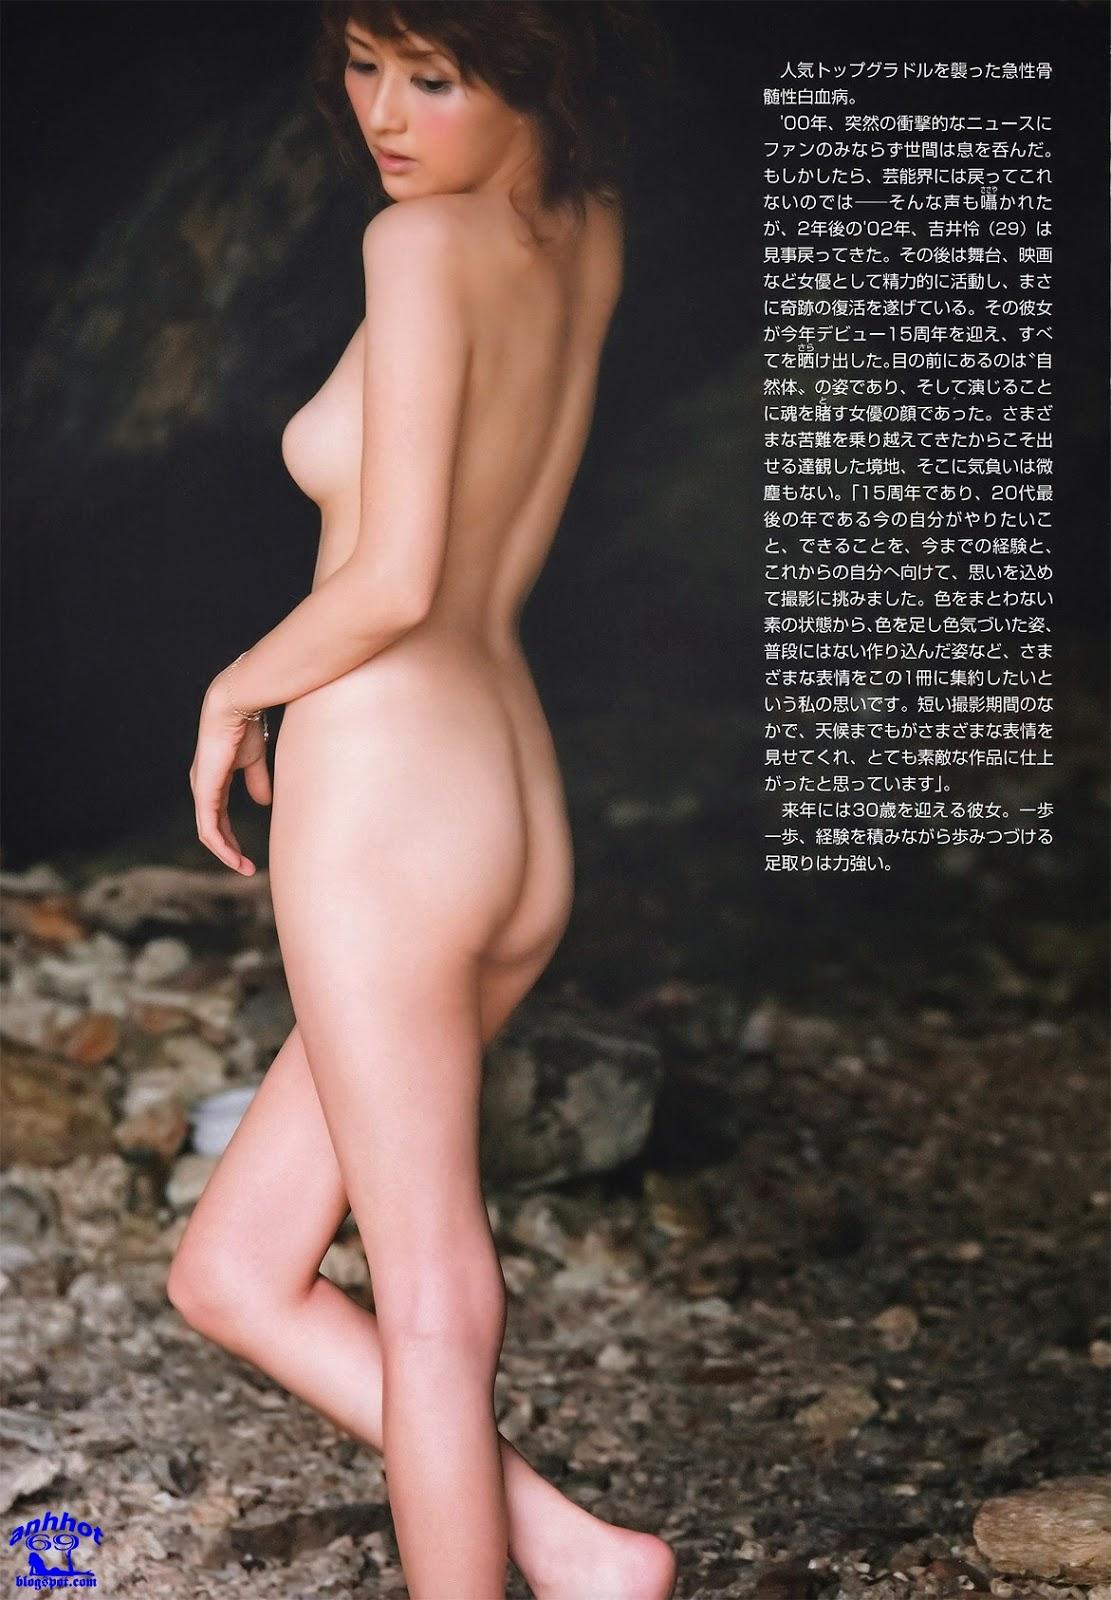 rei-yoshii-01291008